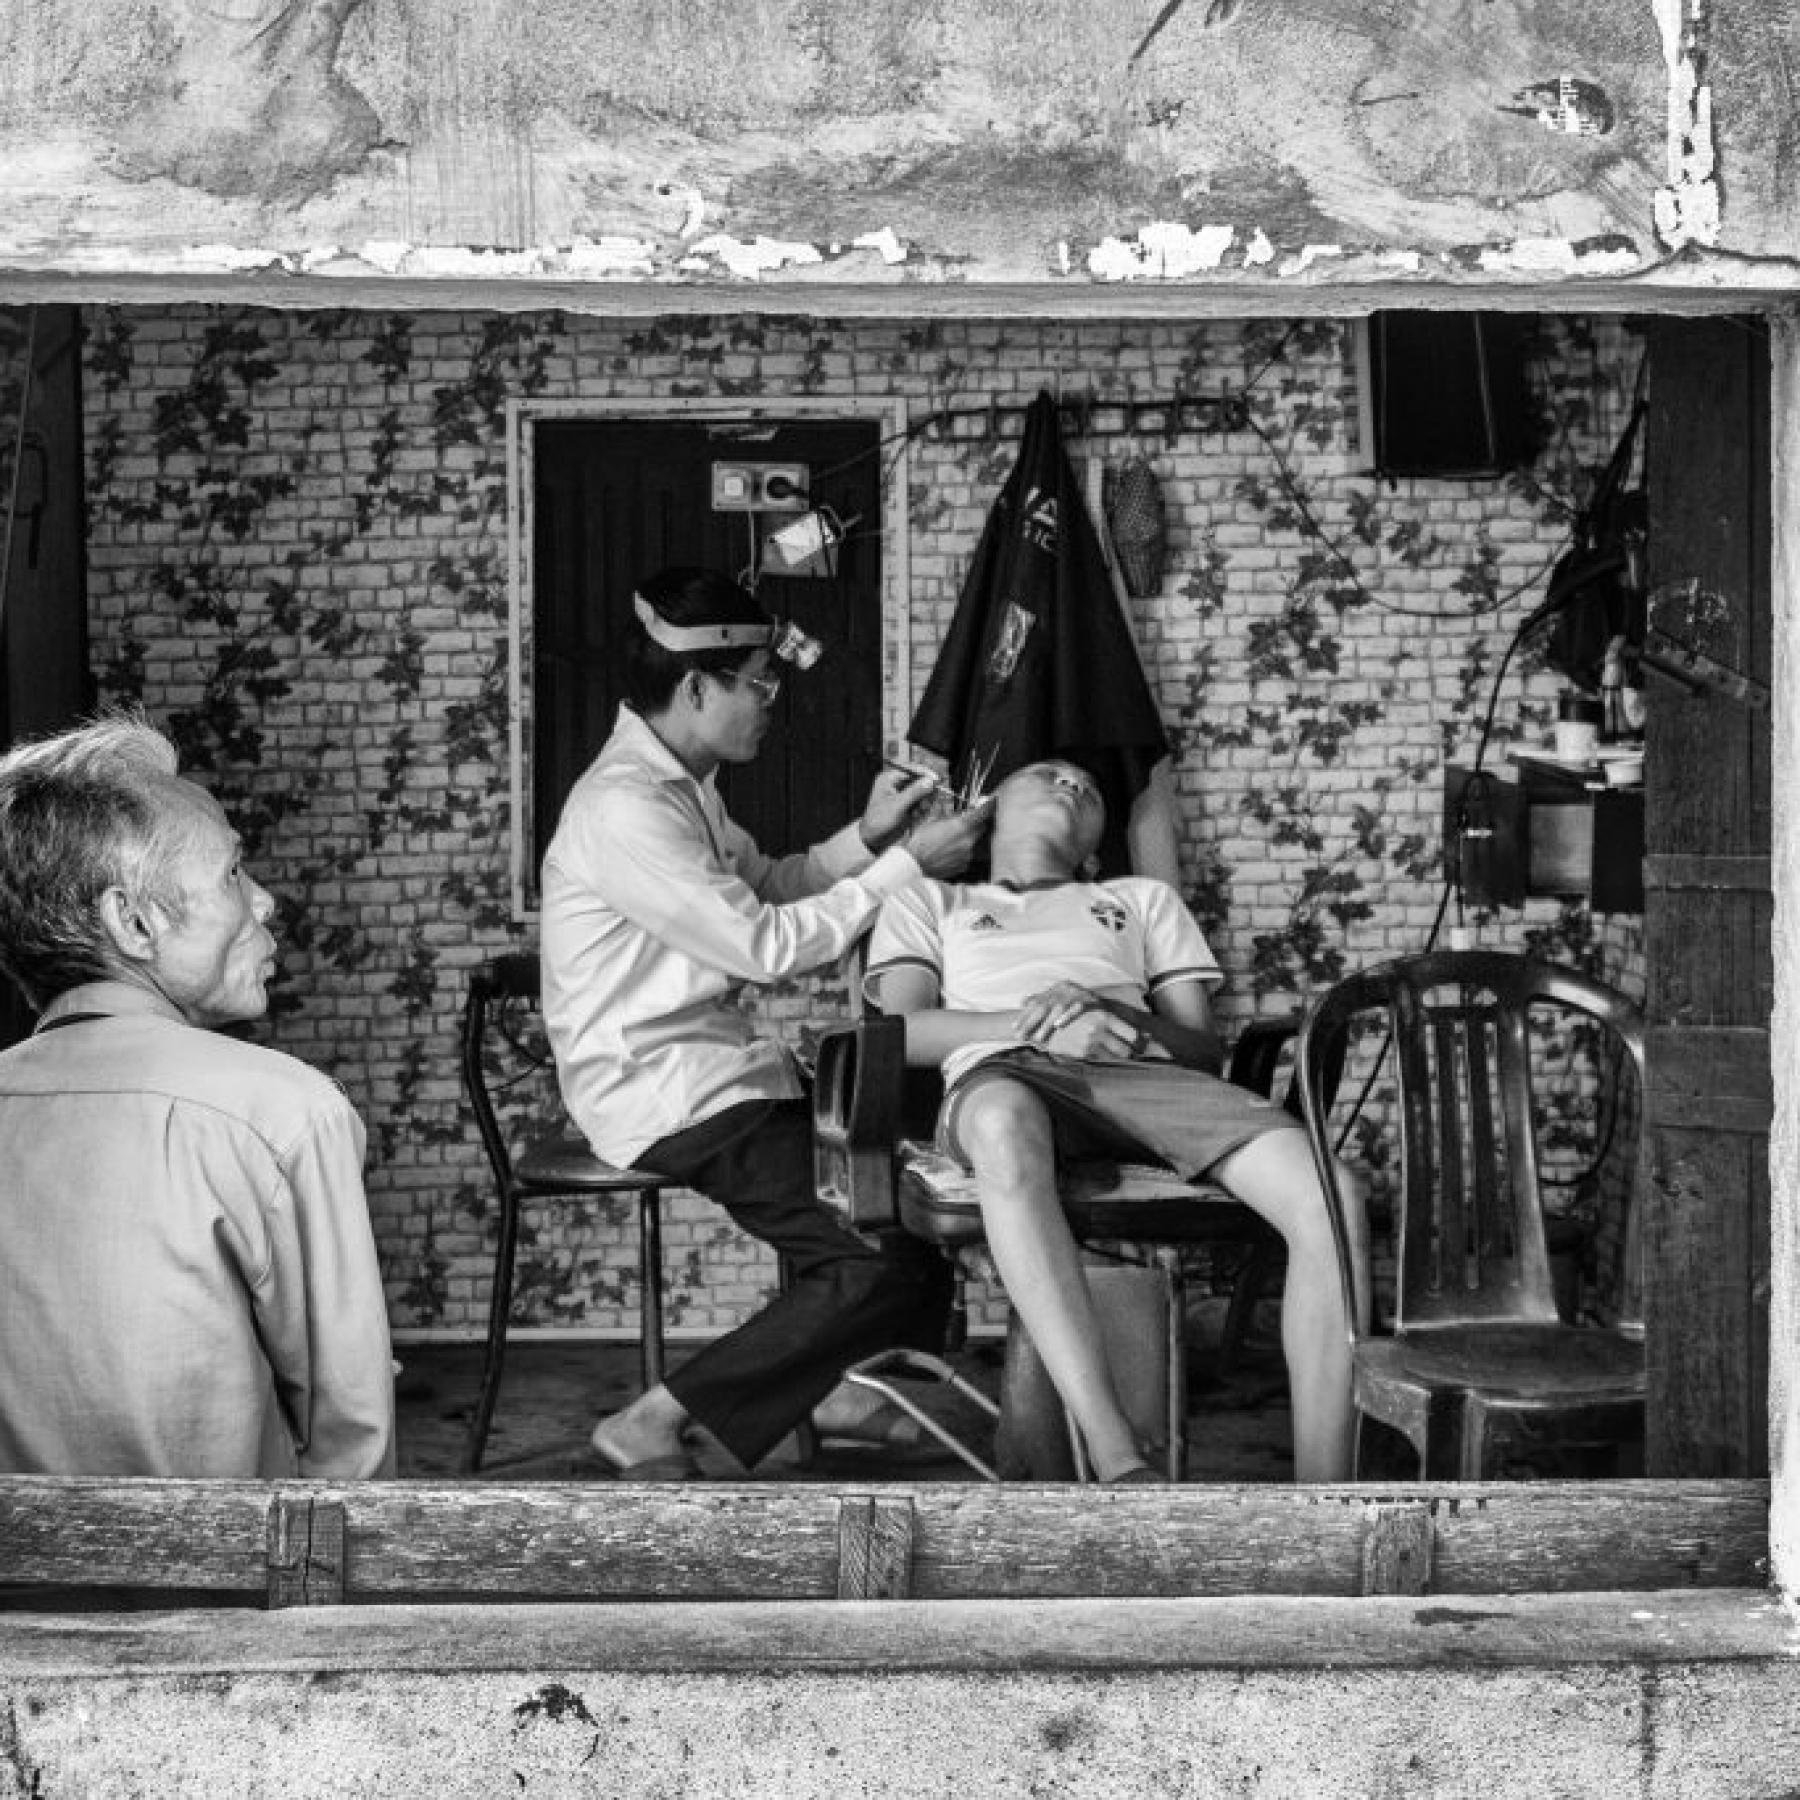 THE HAIRDRESSER – VIETNAM